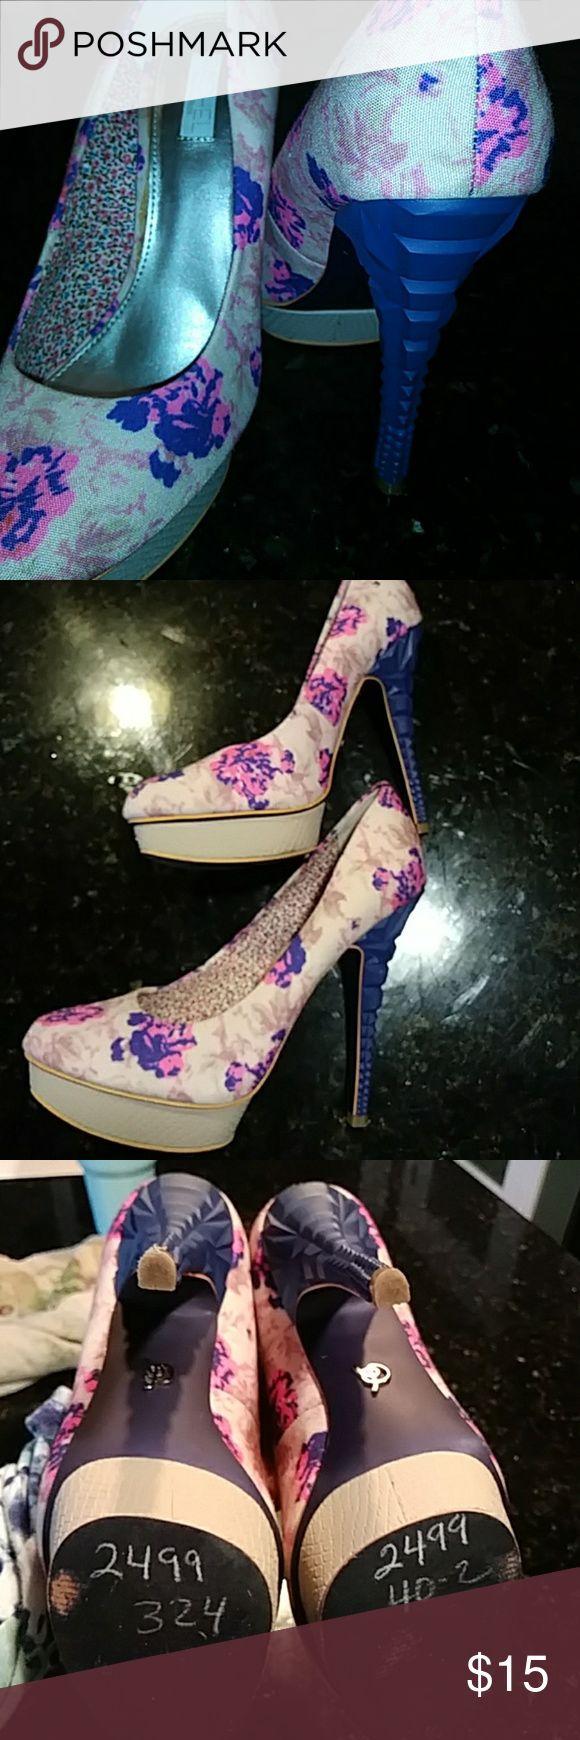 Rachel Roy heela Floral fabric with dectoritive heel. Brand new RACHEL Rachel Roy Shoes Heels